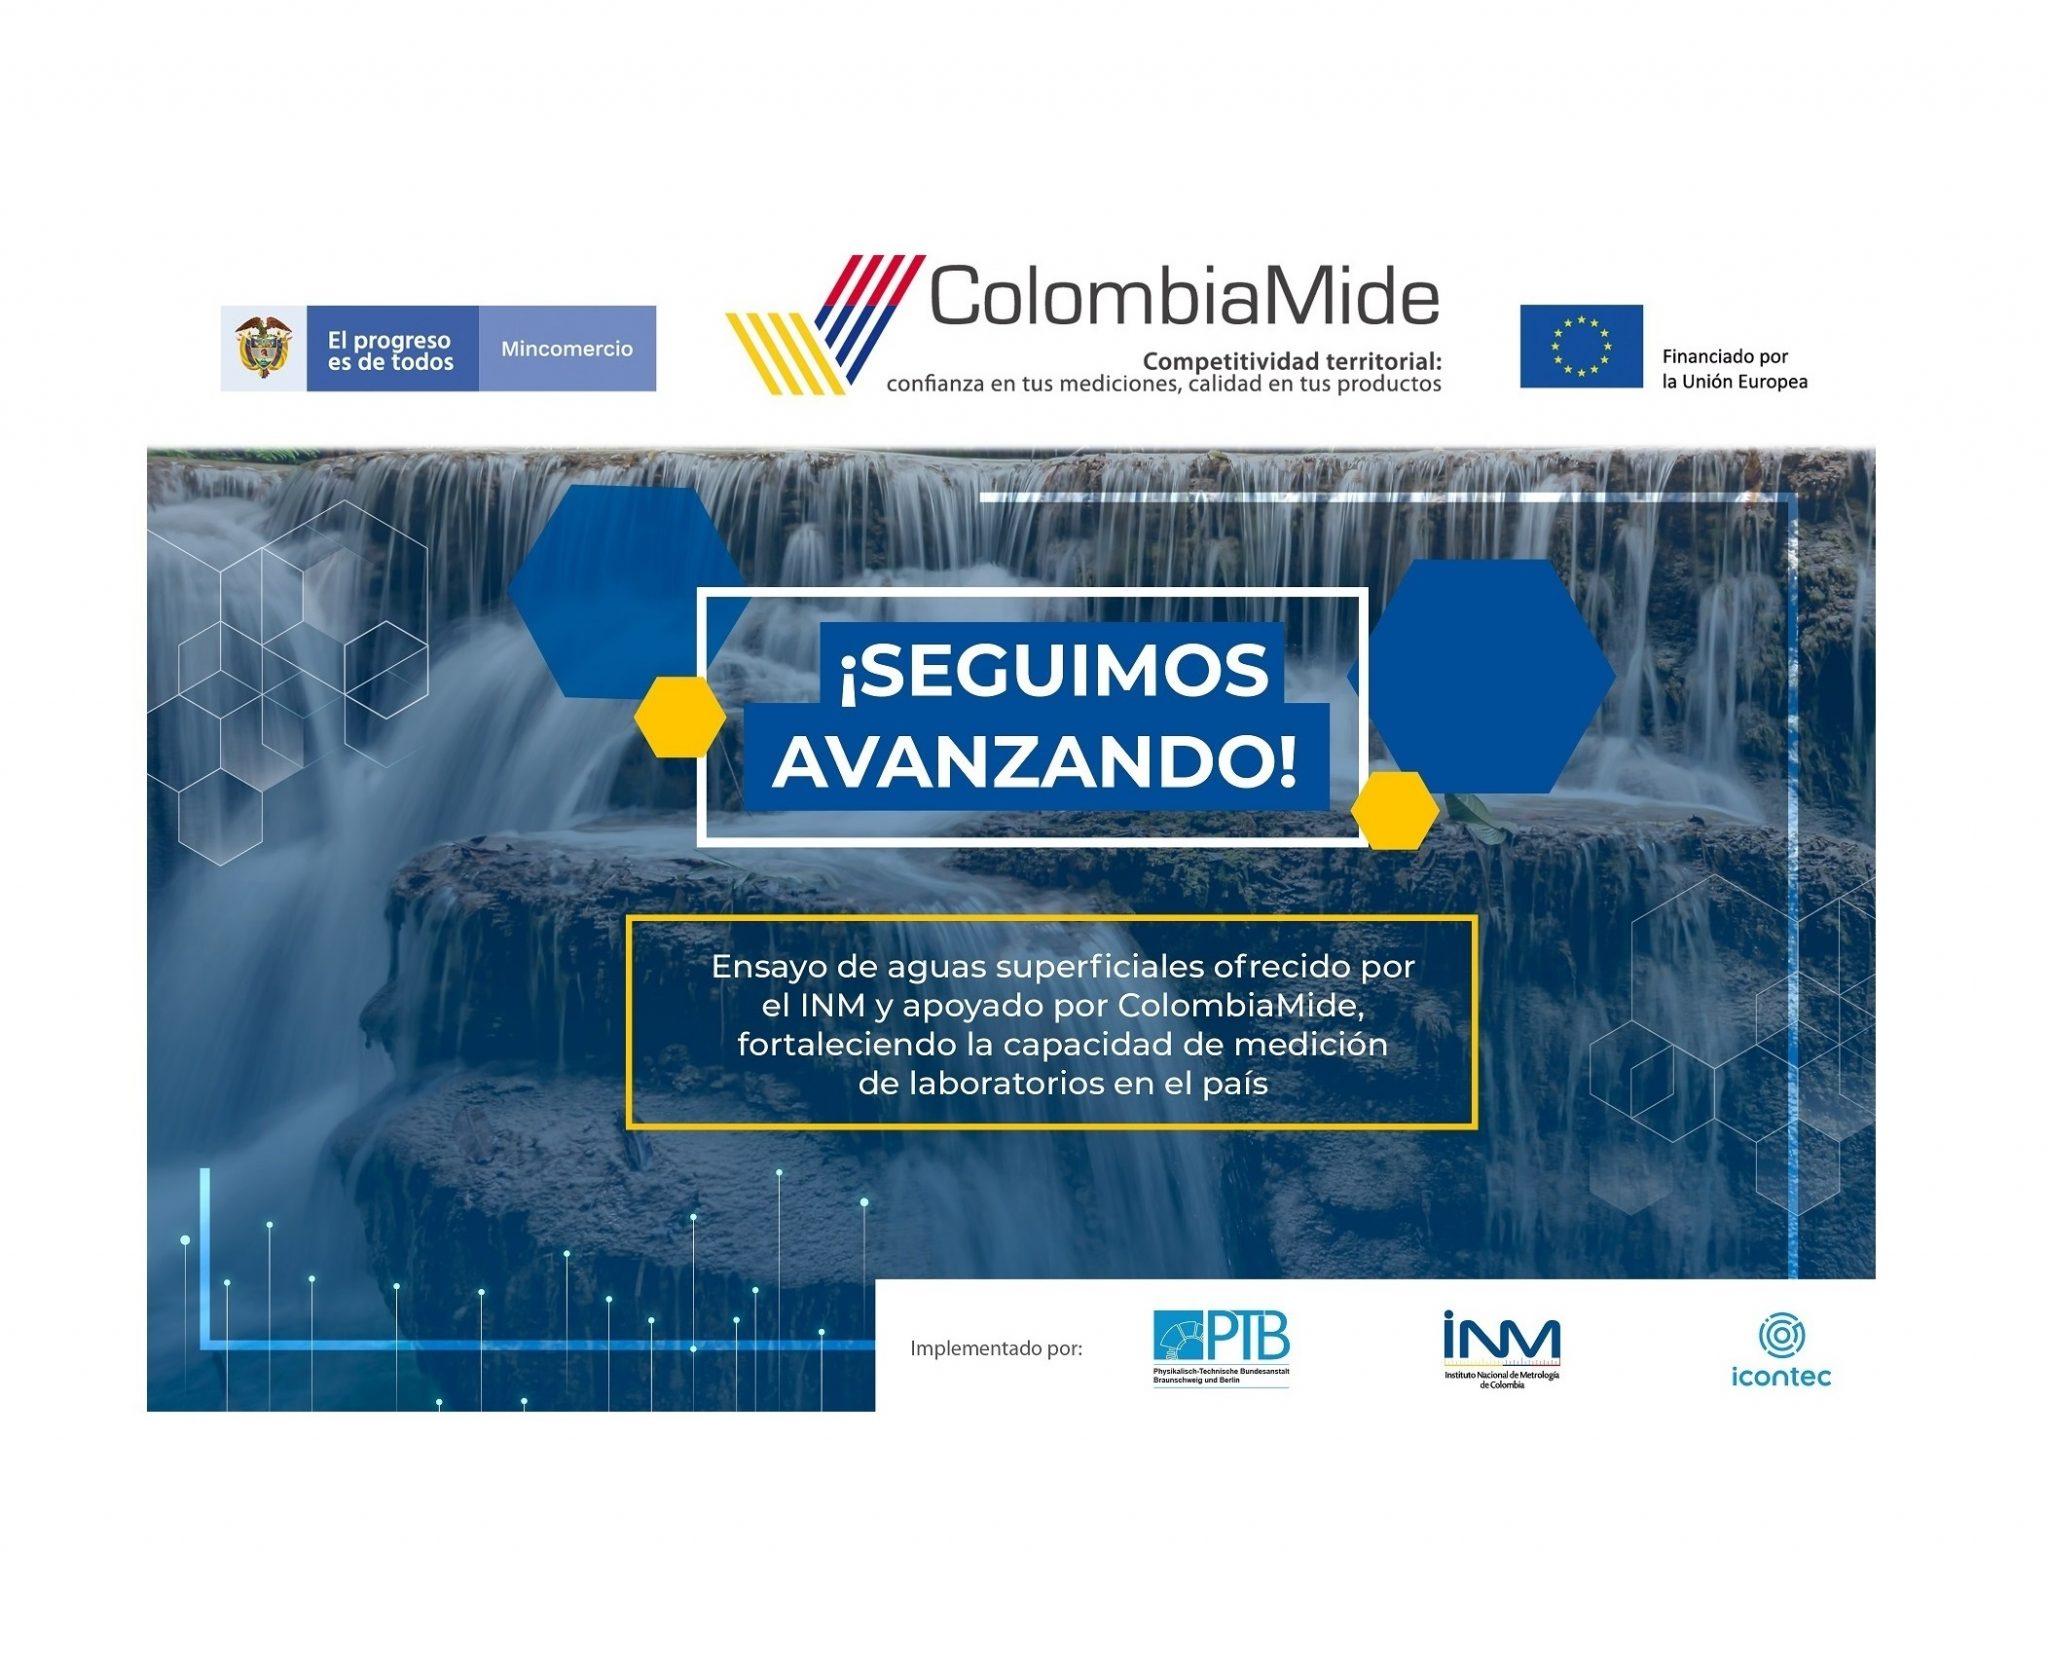 ColombiaMide apoya el fortalecimiento de capacidades de laboratorios de ensayo del país en la medición de elementos químicos en aguas superficiales